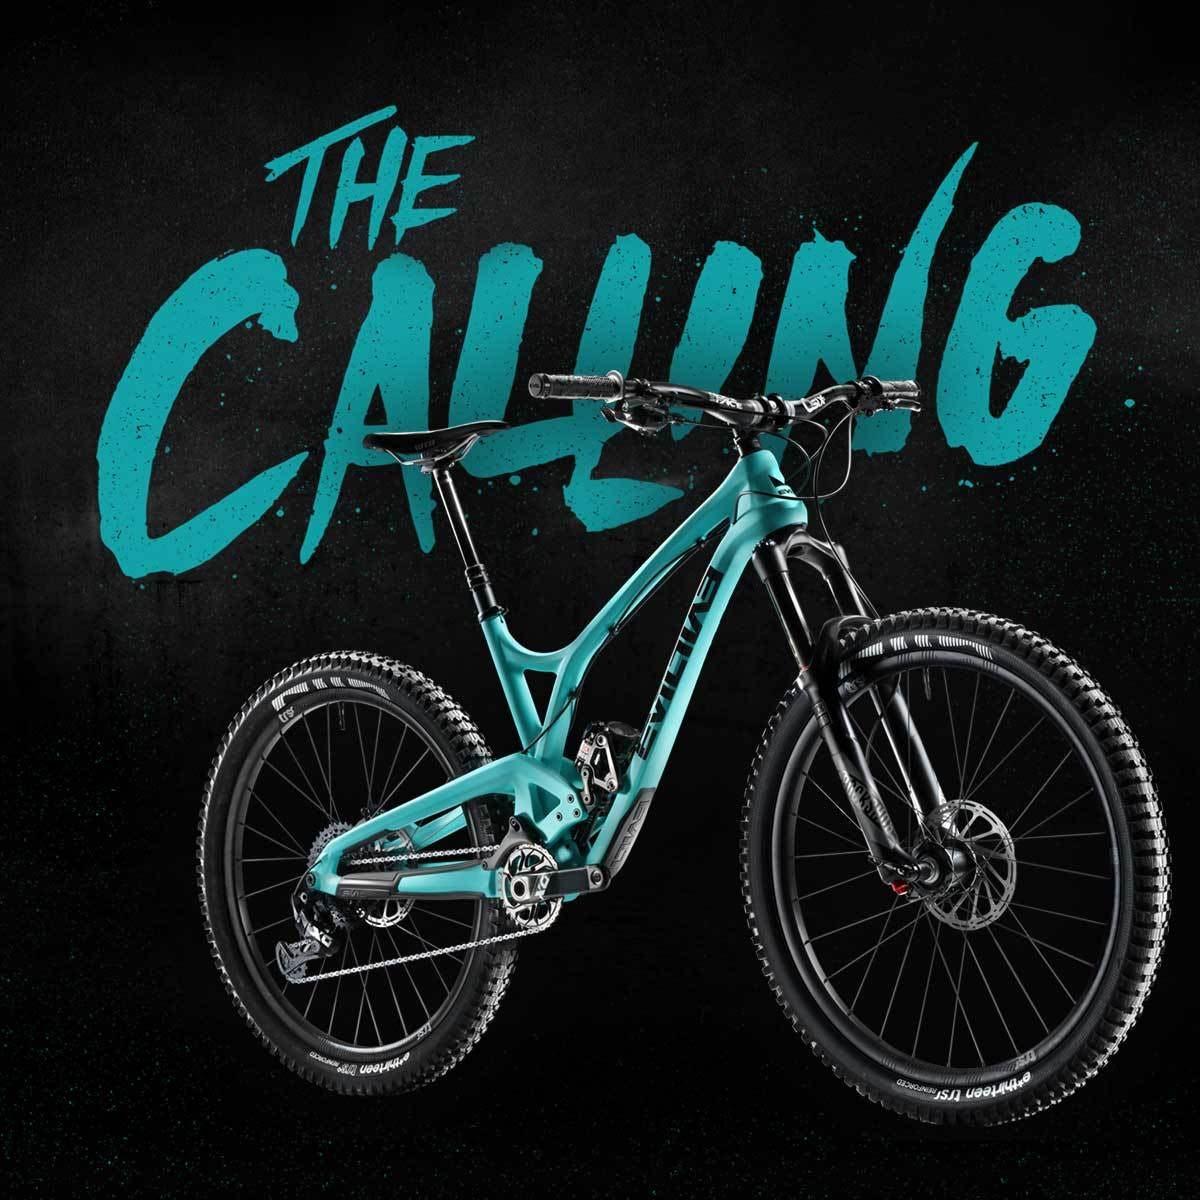 """The Calling - 27 5"""" 131 mm travel Mountain Bike - Evil Bike Co"""